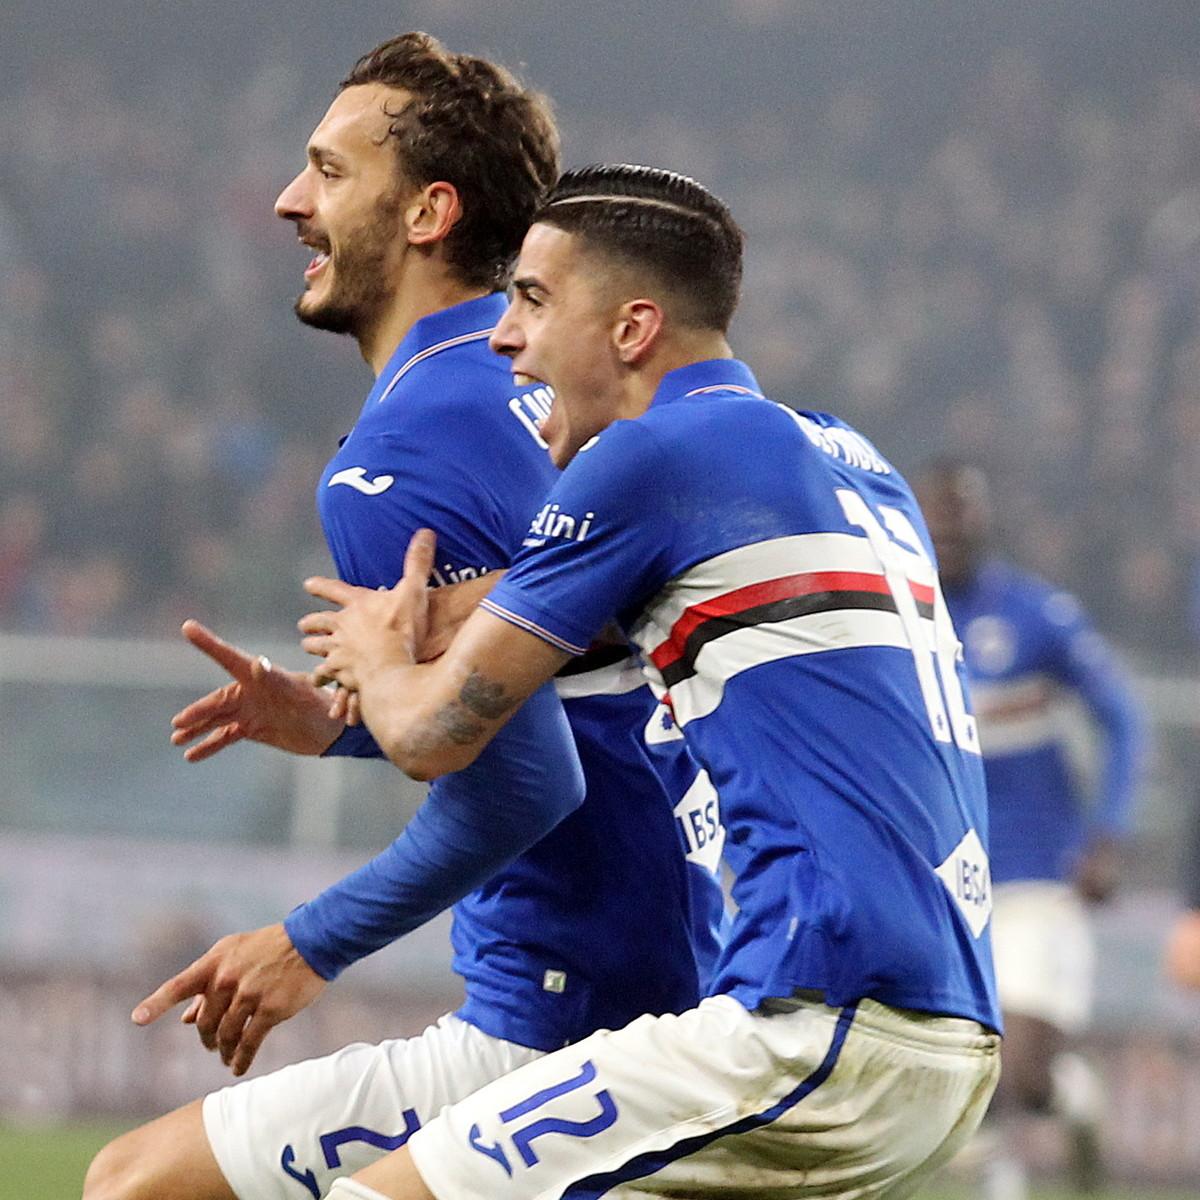 Serie A, Genoa-Sampdoria 0-1: Gabbiadini decide il derby nel finale